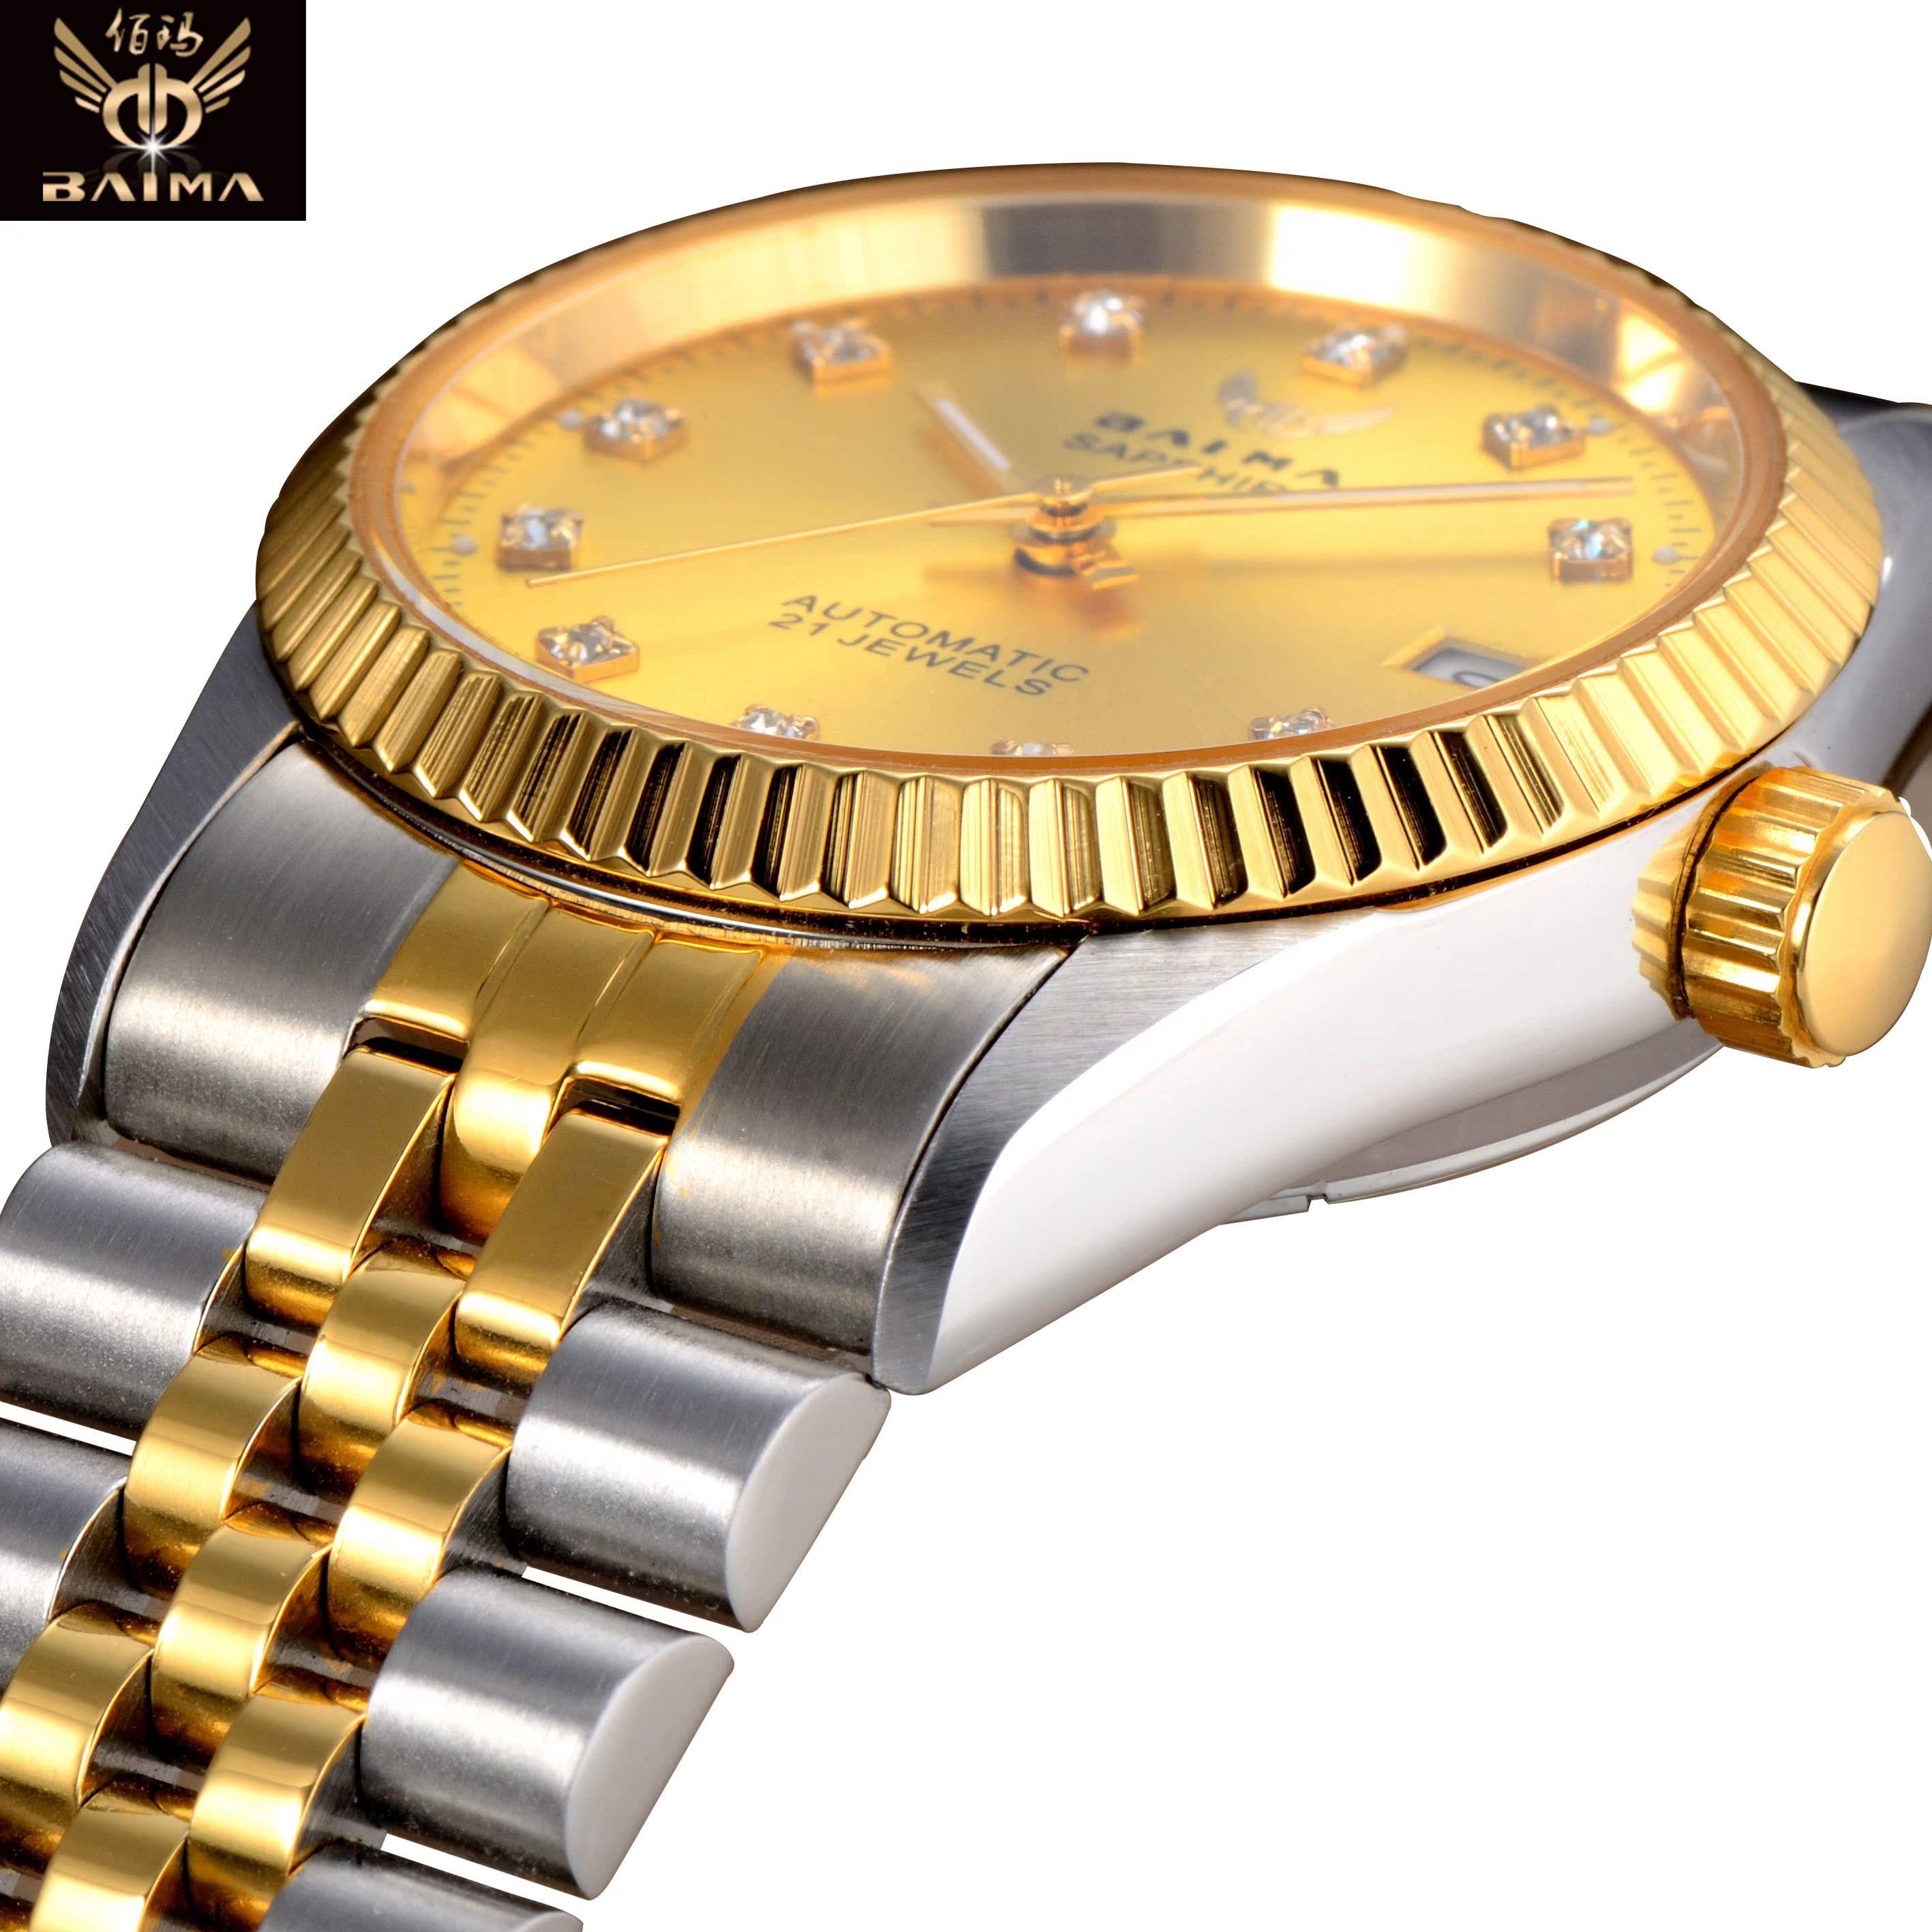 正品佰玛手表男士腕表全自动机械表潮流时尚手表防水夜光钢带男表